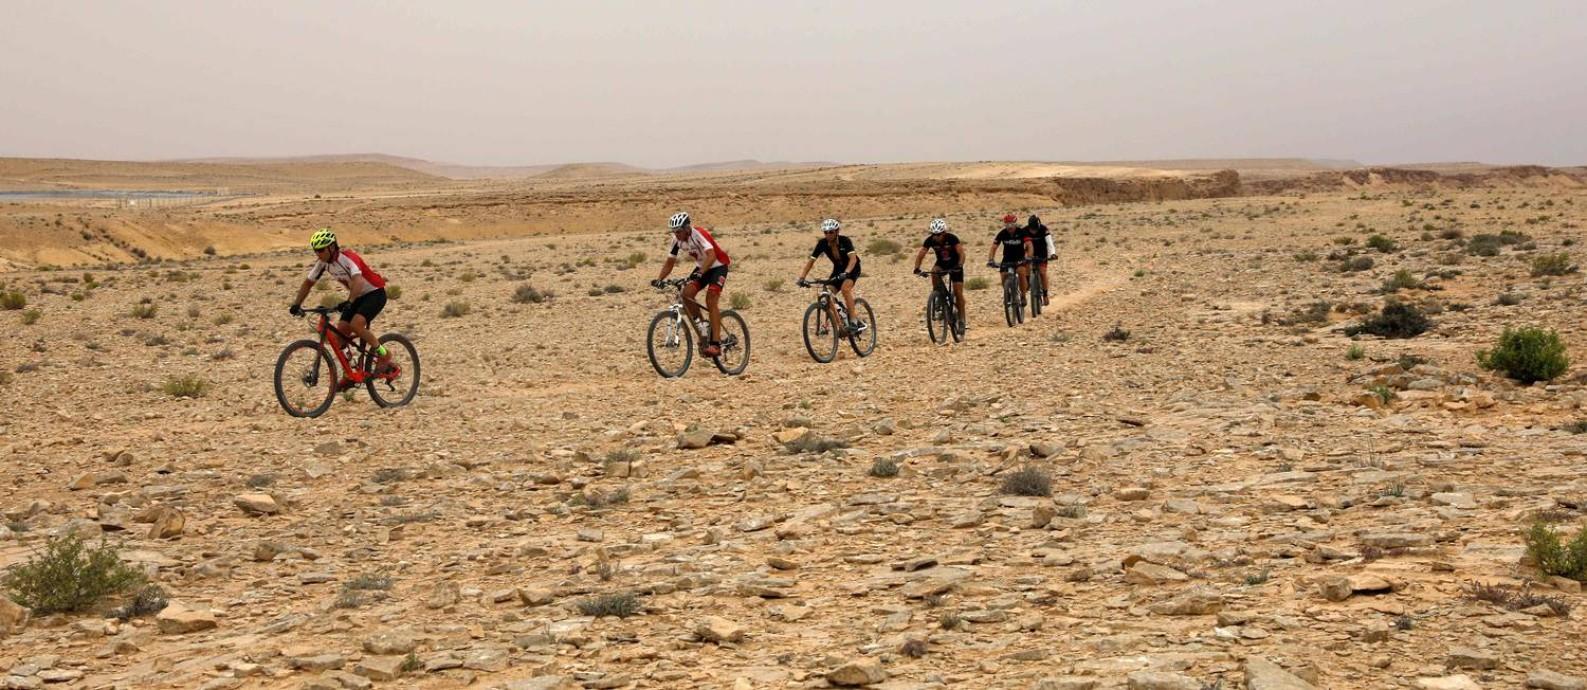 Ciclistas no deserto de Negev, em Israel Foto: MENAHEM KAHANA / AFP